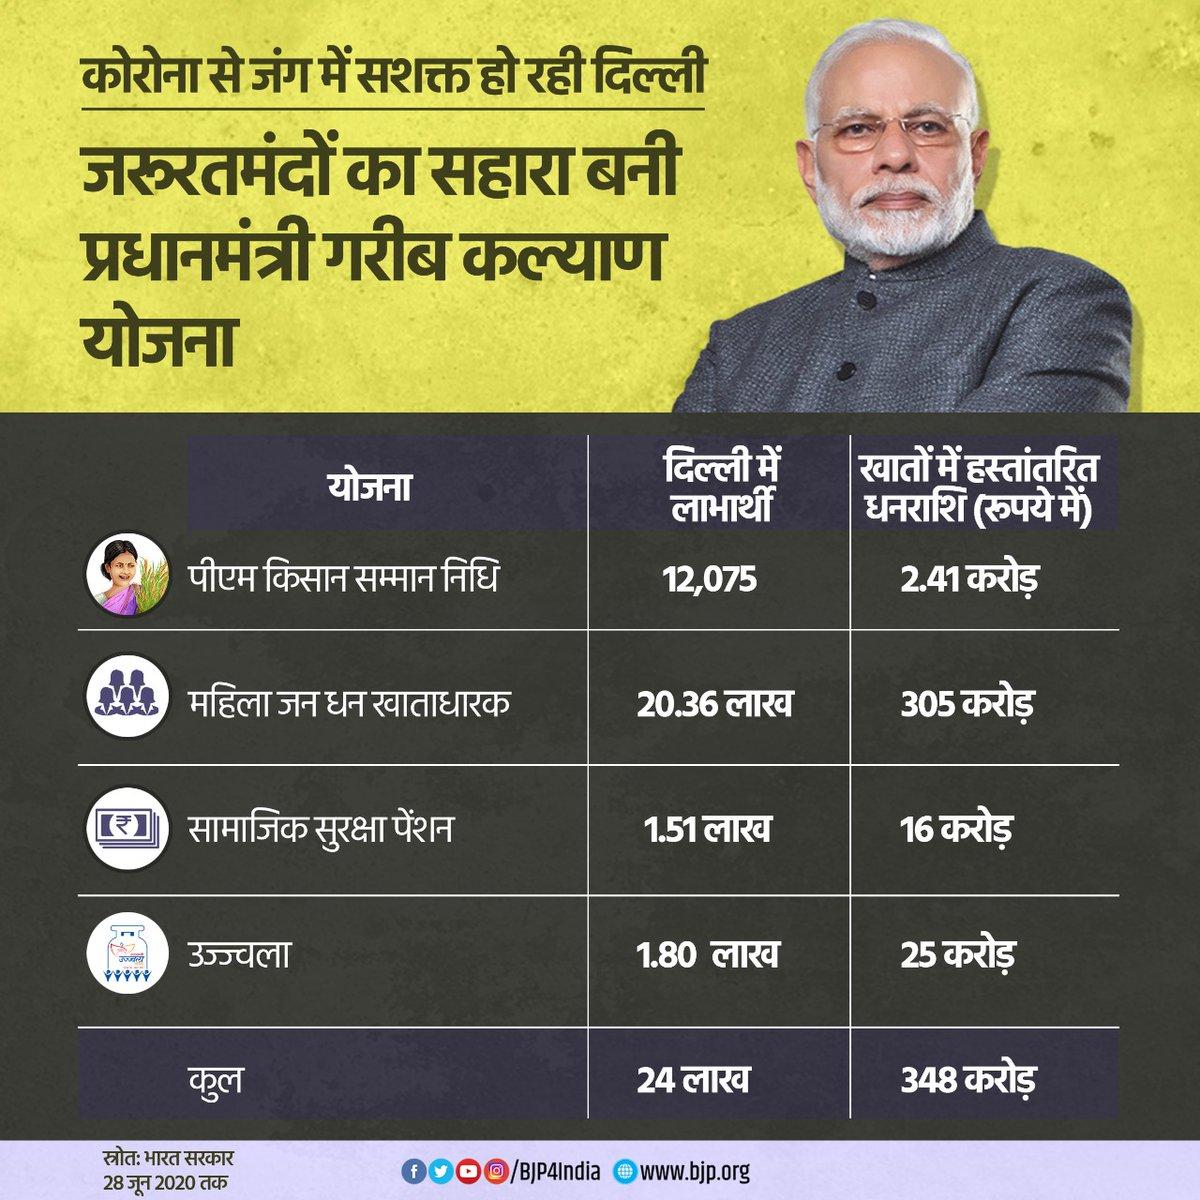 कोरोना से जंग में सशक्त हो रही दिल्ली। प्रधानमंत्री गरीब कल्याण योजना से अब तक 24 लाख लाभार्थियों को 348 करोड़ रुपये की सीधी मदद मोदी सरकार द्वारा प्रदान की गई। #IndiaFightsCorona